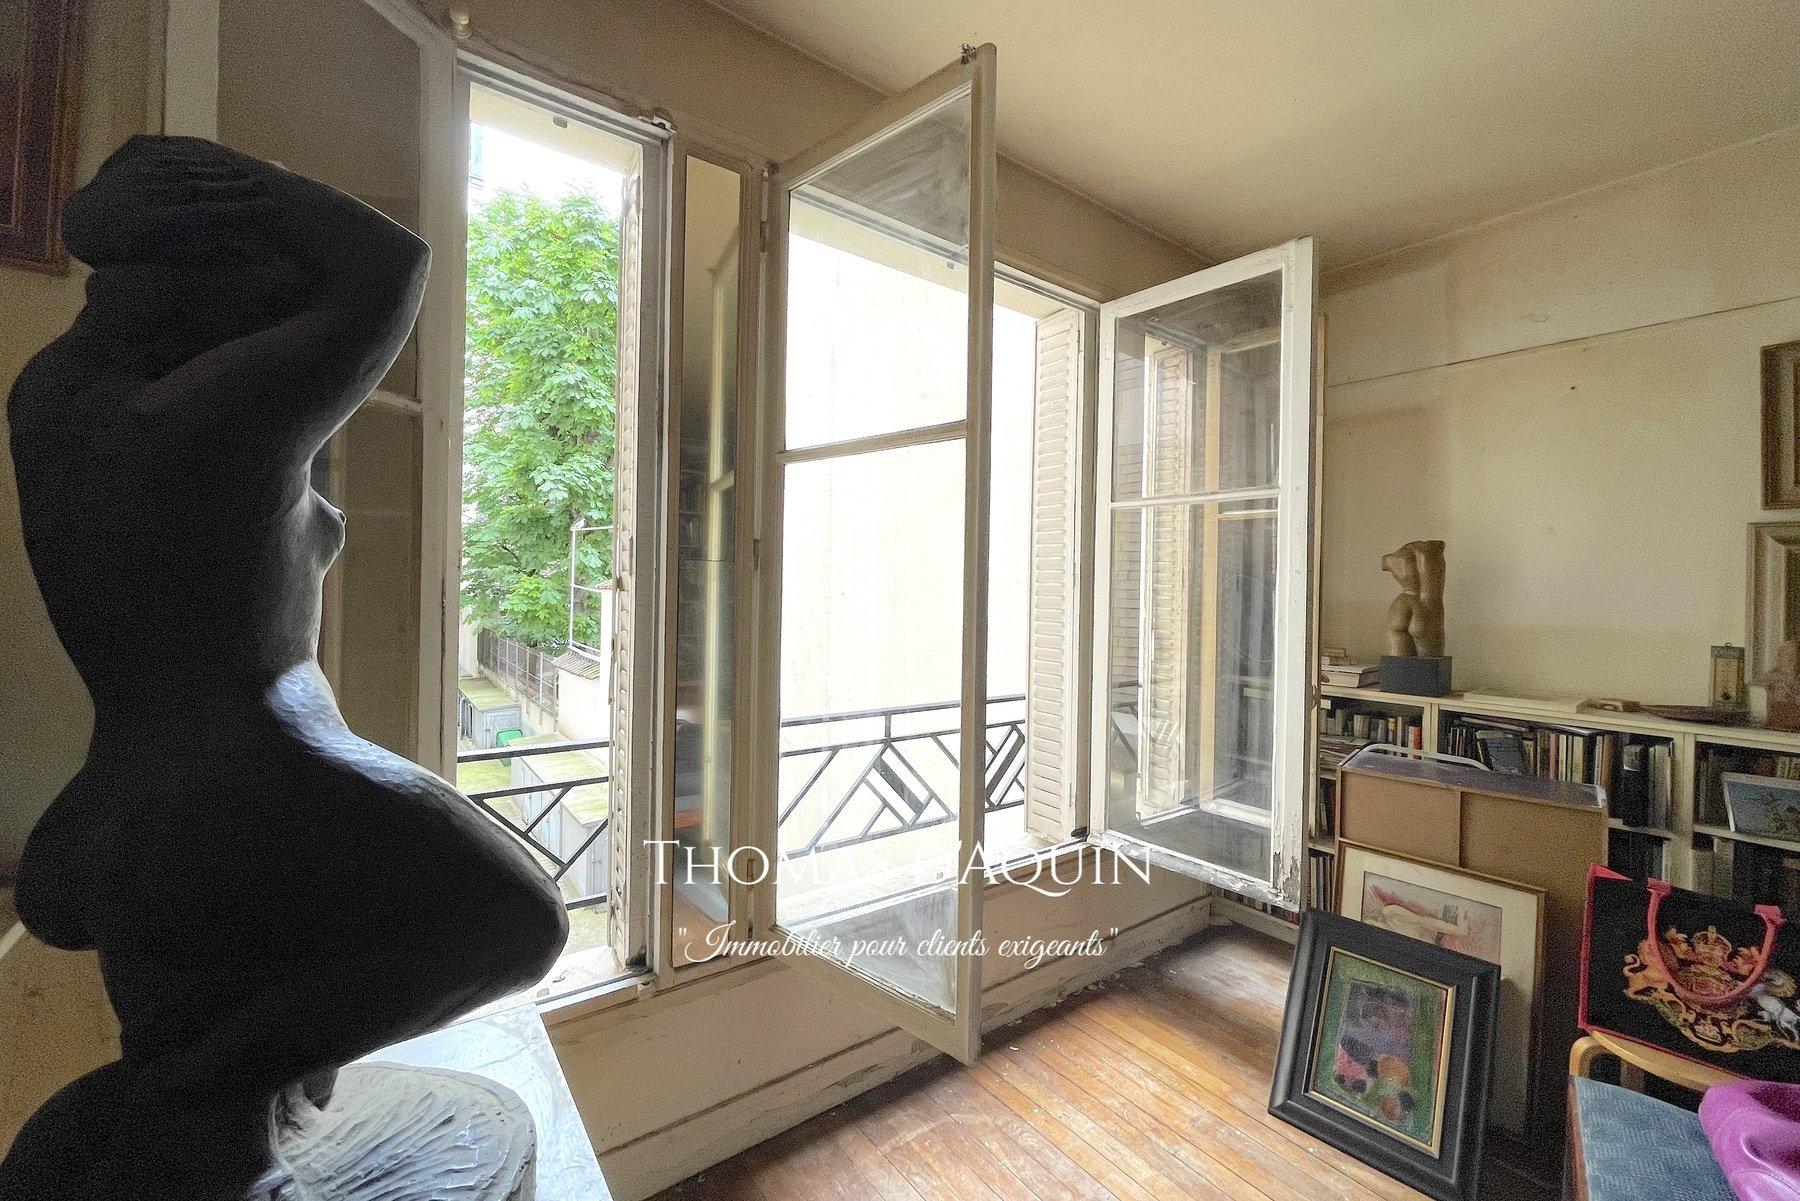 Sale Apartment - Paris 17th (Paris 17ème) Épinettes